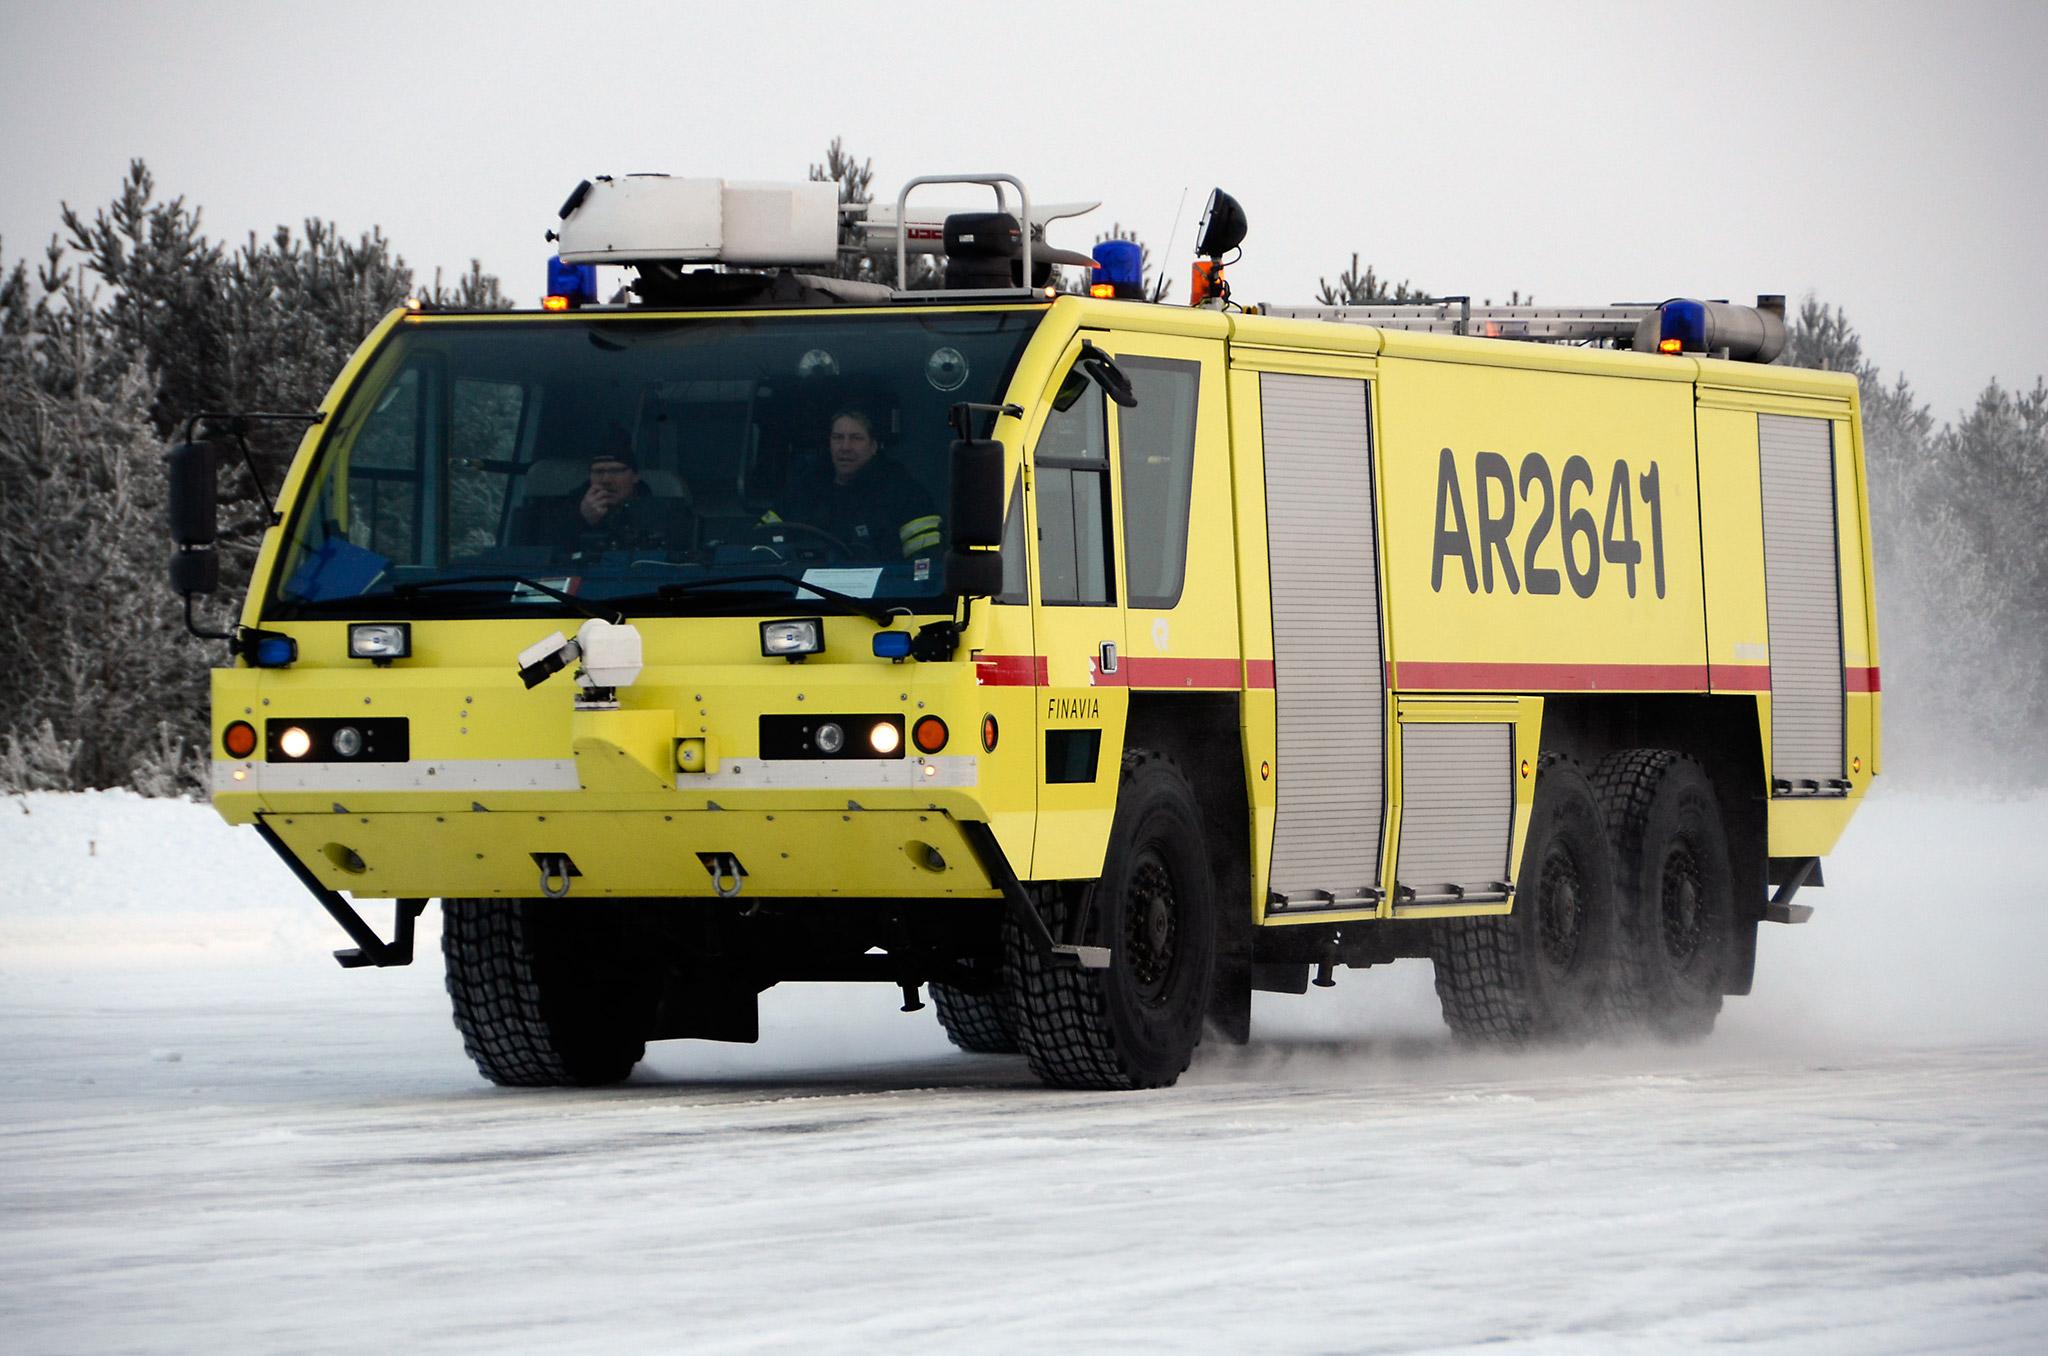 Vuoroesimies Jouni Nurkkala testaa miten SnowCross-talvirenkaat pysäyttävät yli 30-tonnisen lentokenttäpaloauton. Finavian pelastuspäällikkö Veli-Matti Sääskilahti kirjaa vieressä ylös mittaustuloksia ja kuljettajan tuntemuksia.